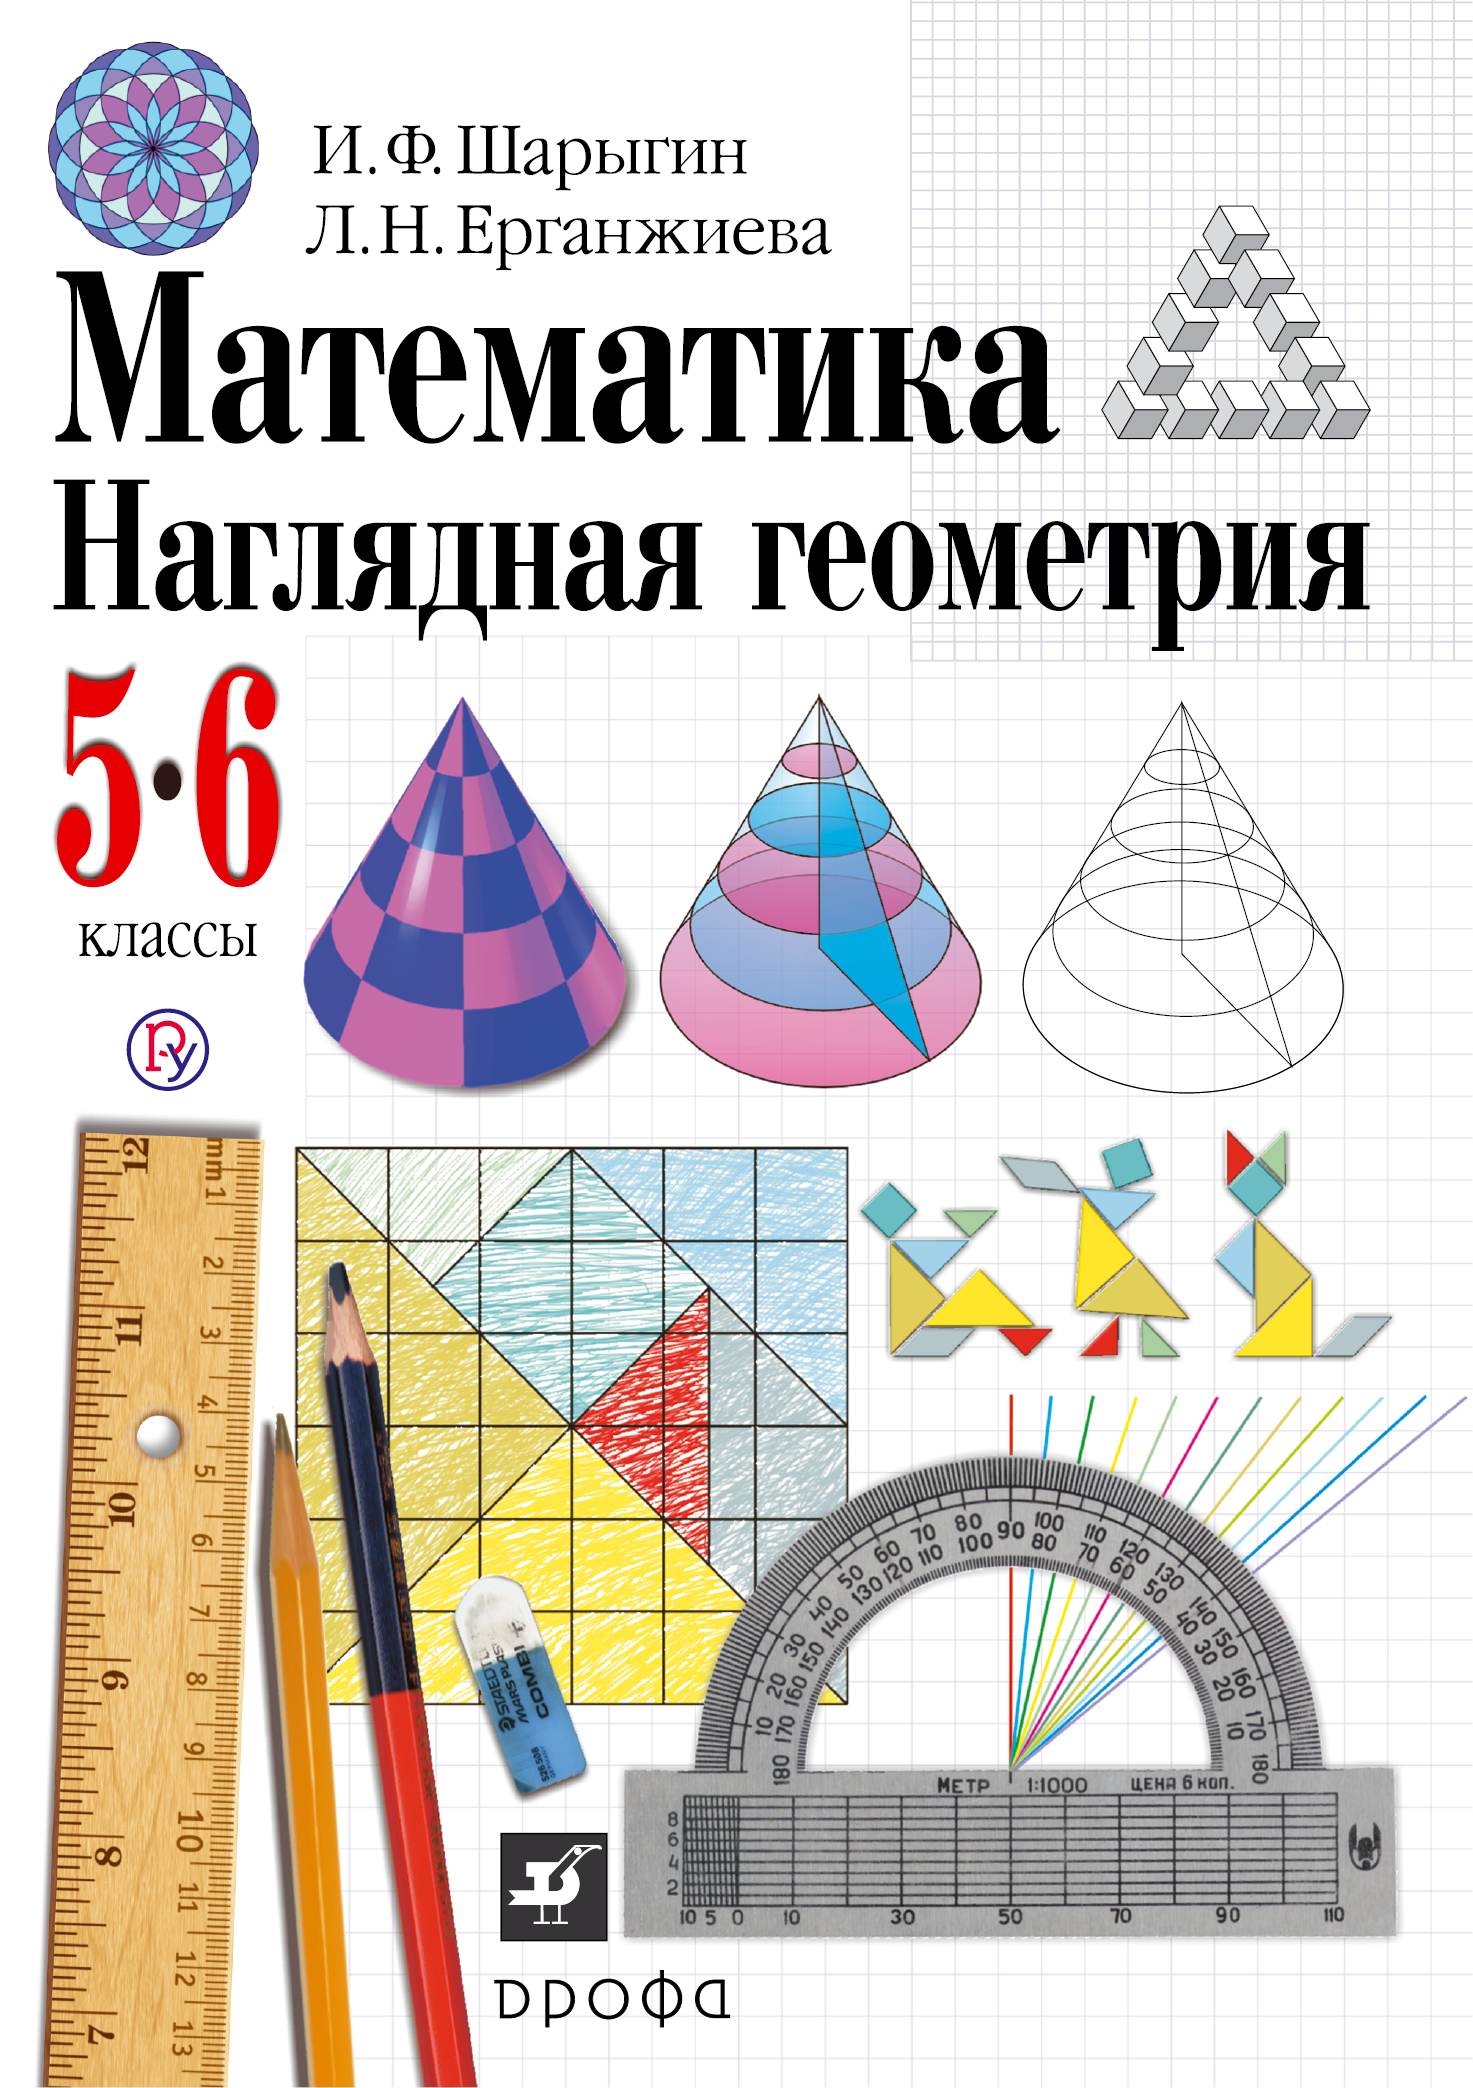 Шарыгин И.Ф., Ерганжиева Л.Н. Математика. Наглядная геометрия. 5-6 классы. Учебник жен мотаться на заказ геометрия уникальный дизайн золотой серебряный геометрической формы серьги назначение повседневные